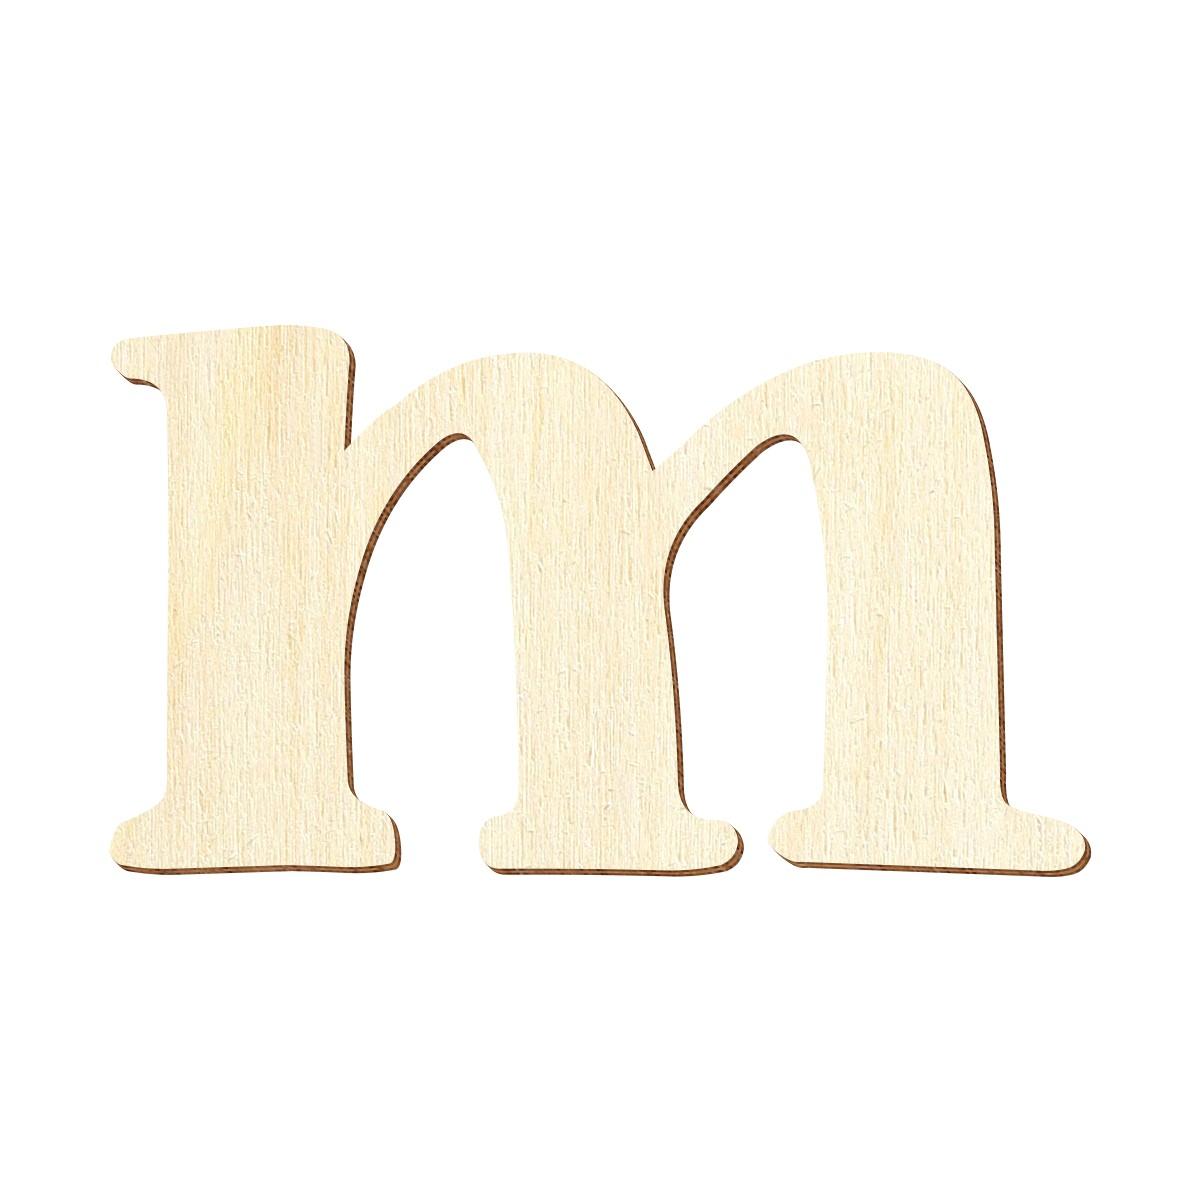 Sperrholz Buchstaben - Magnolia - Wunschtext/Schriftzug mit Auswahl - Pappel 3mm